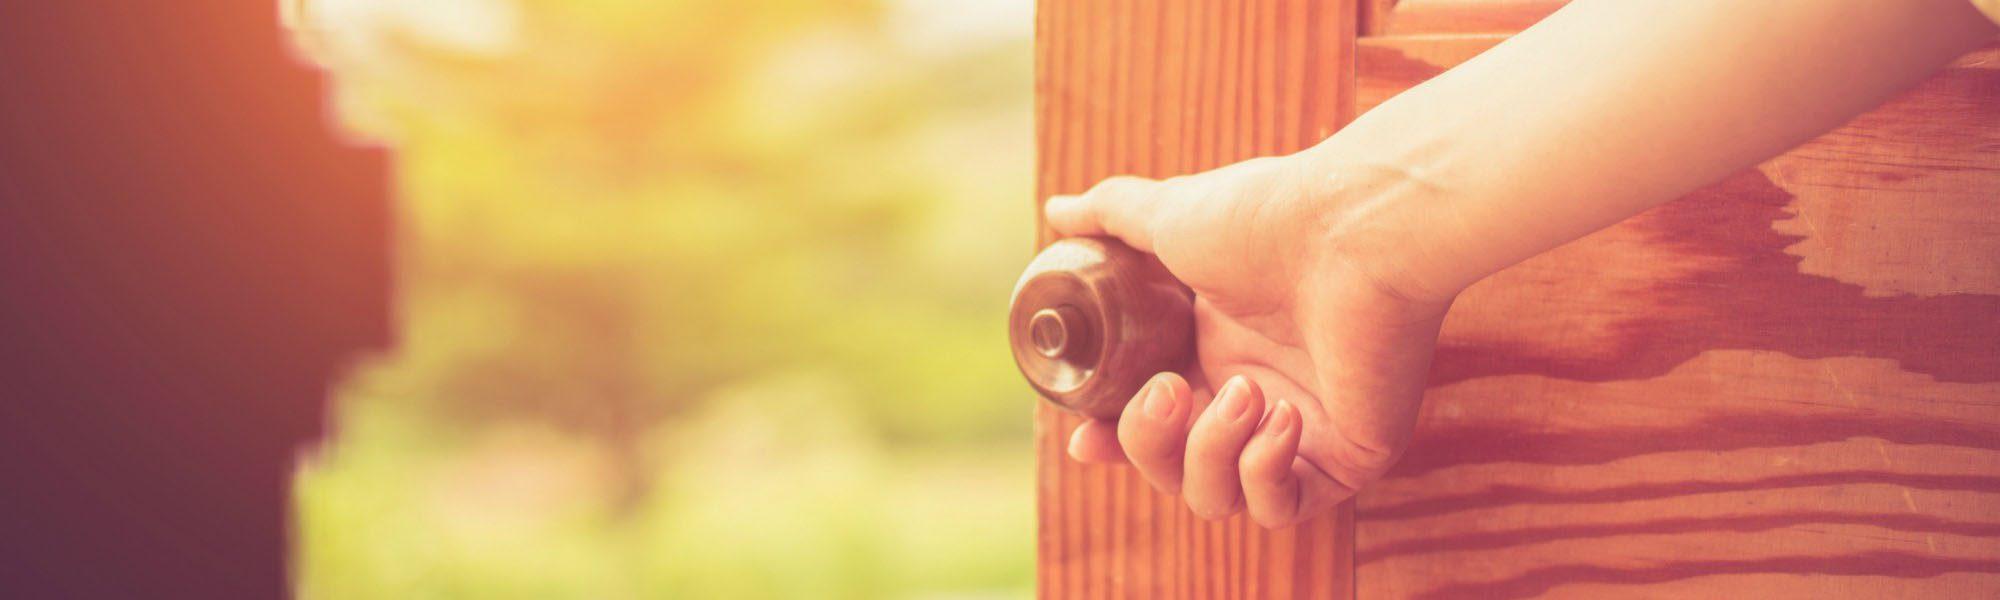 Предоставление допуска в жилое помещения для проверки приборов учета